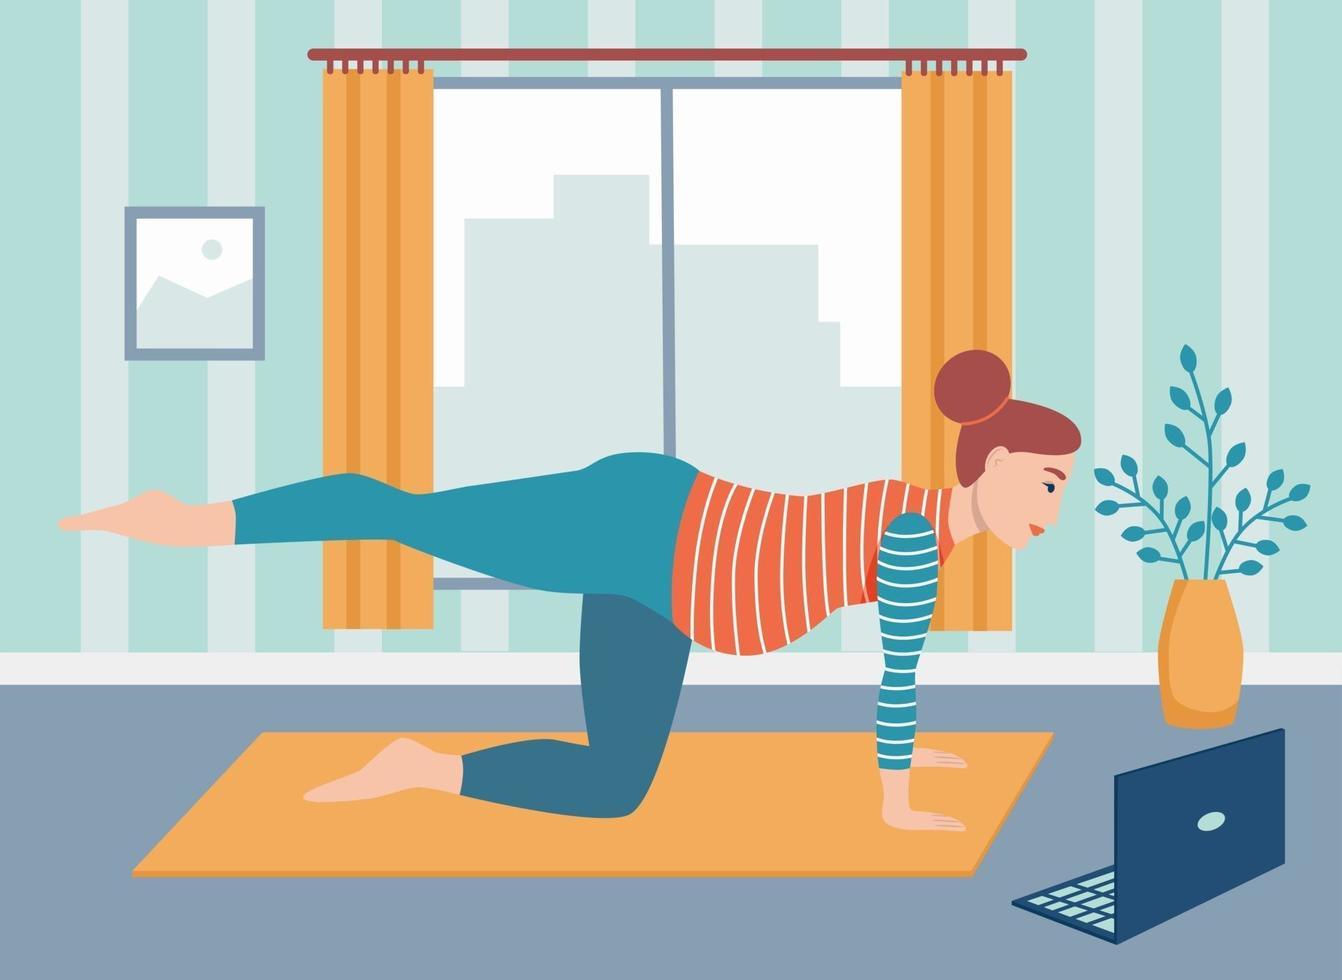 femme enceinte fait du yoga à la maison en ligne. le concept des activités quotidiennes et de la vie quotidienne. sports et yoga en ligne, mise en quarantaine. illustration vectorielle de dessin animé plat. vecteur